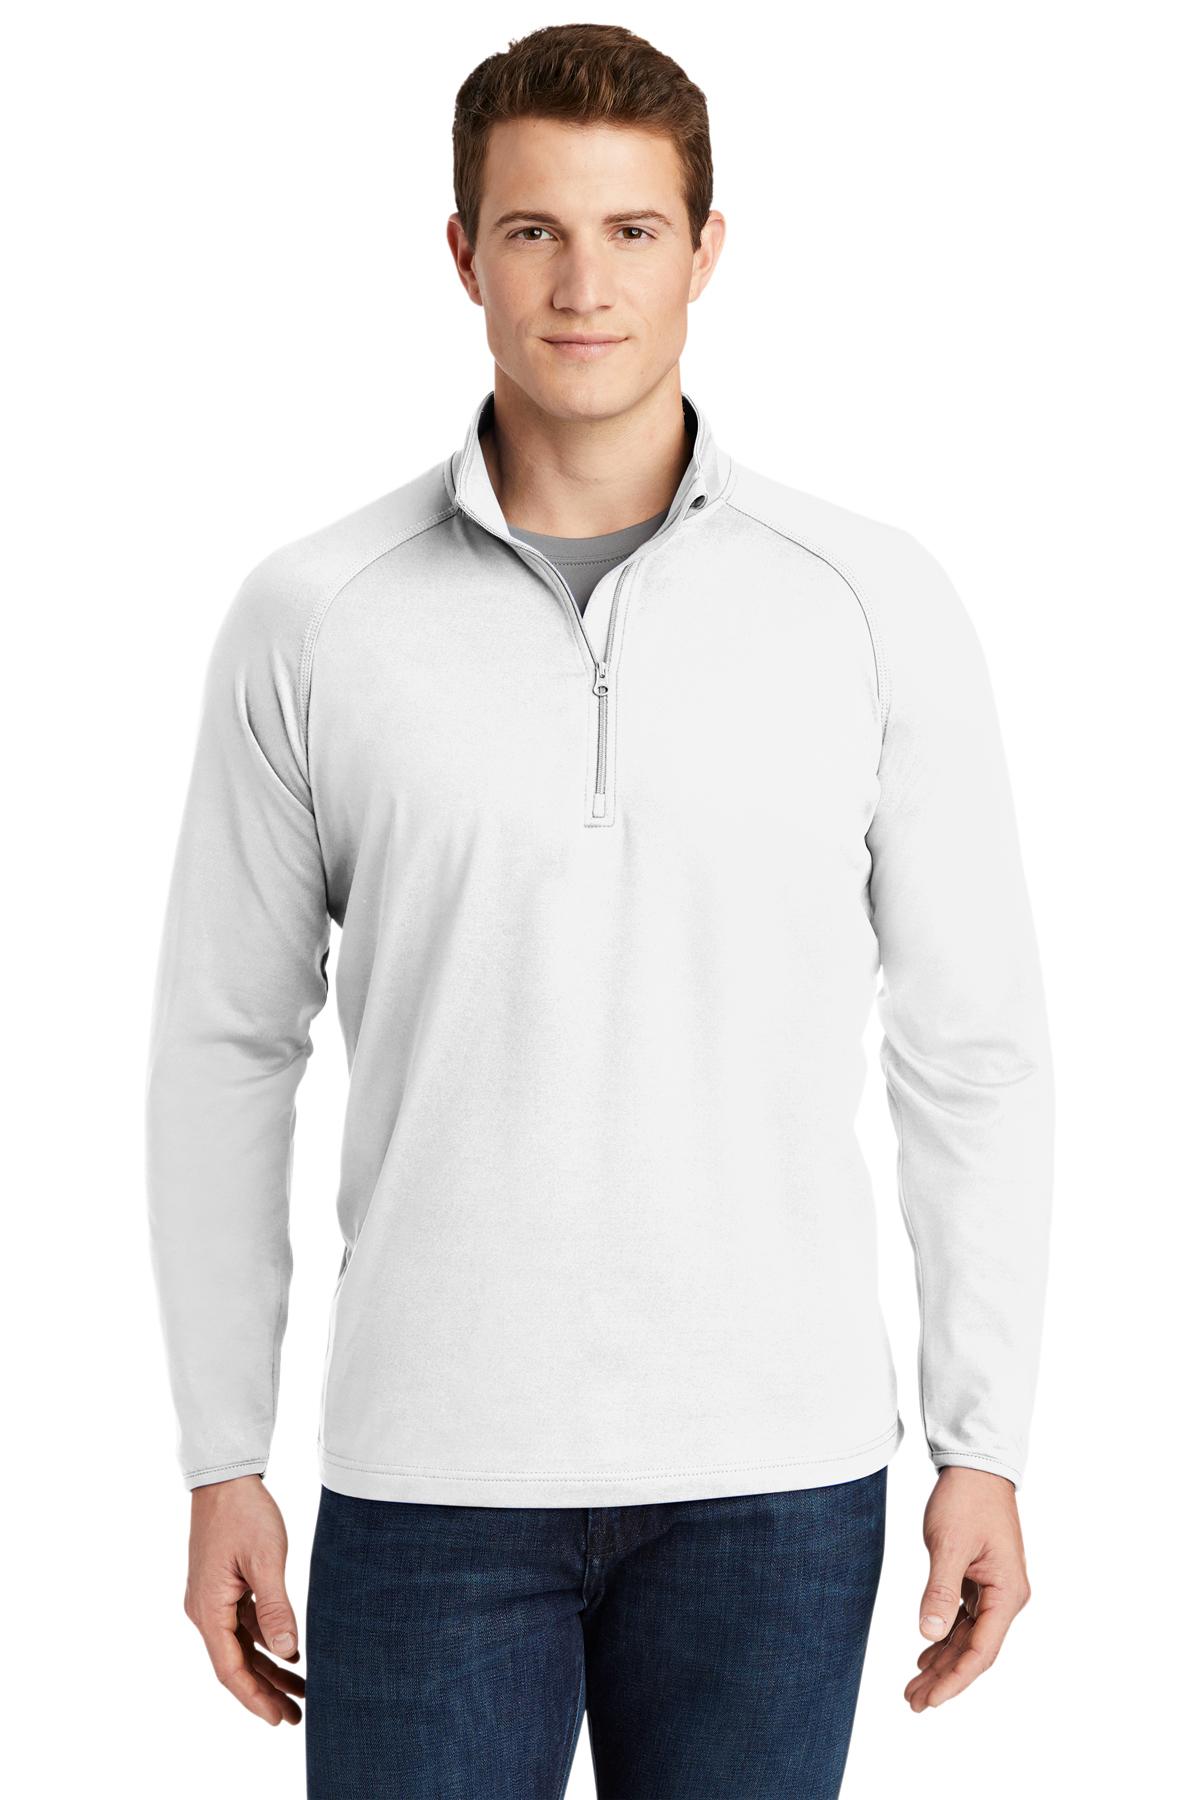 SPORT-TEK Mens Tall Sport Wick Stretch 1//2 Zip Pullover